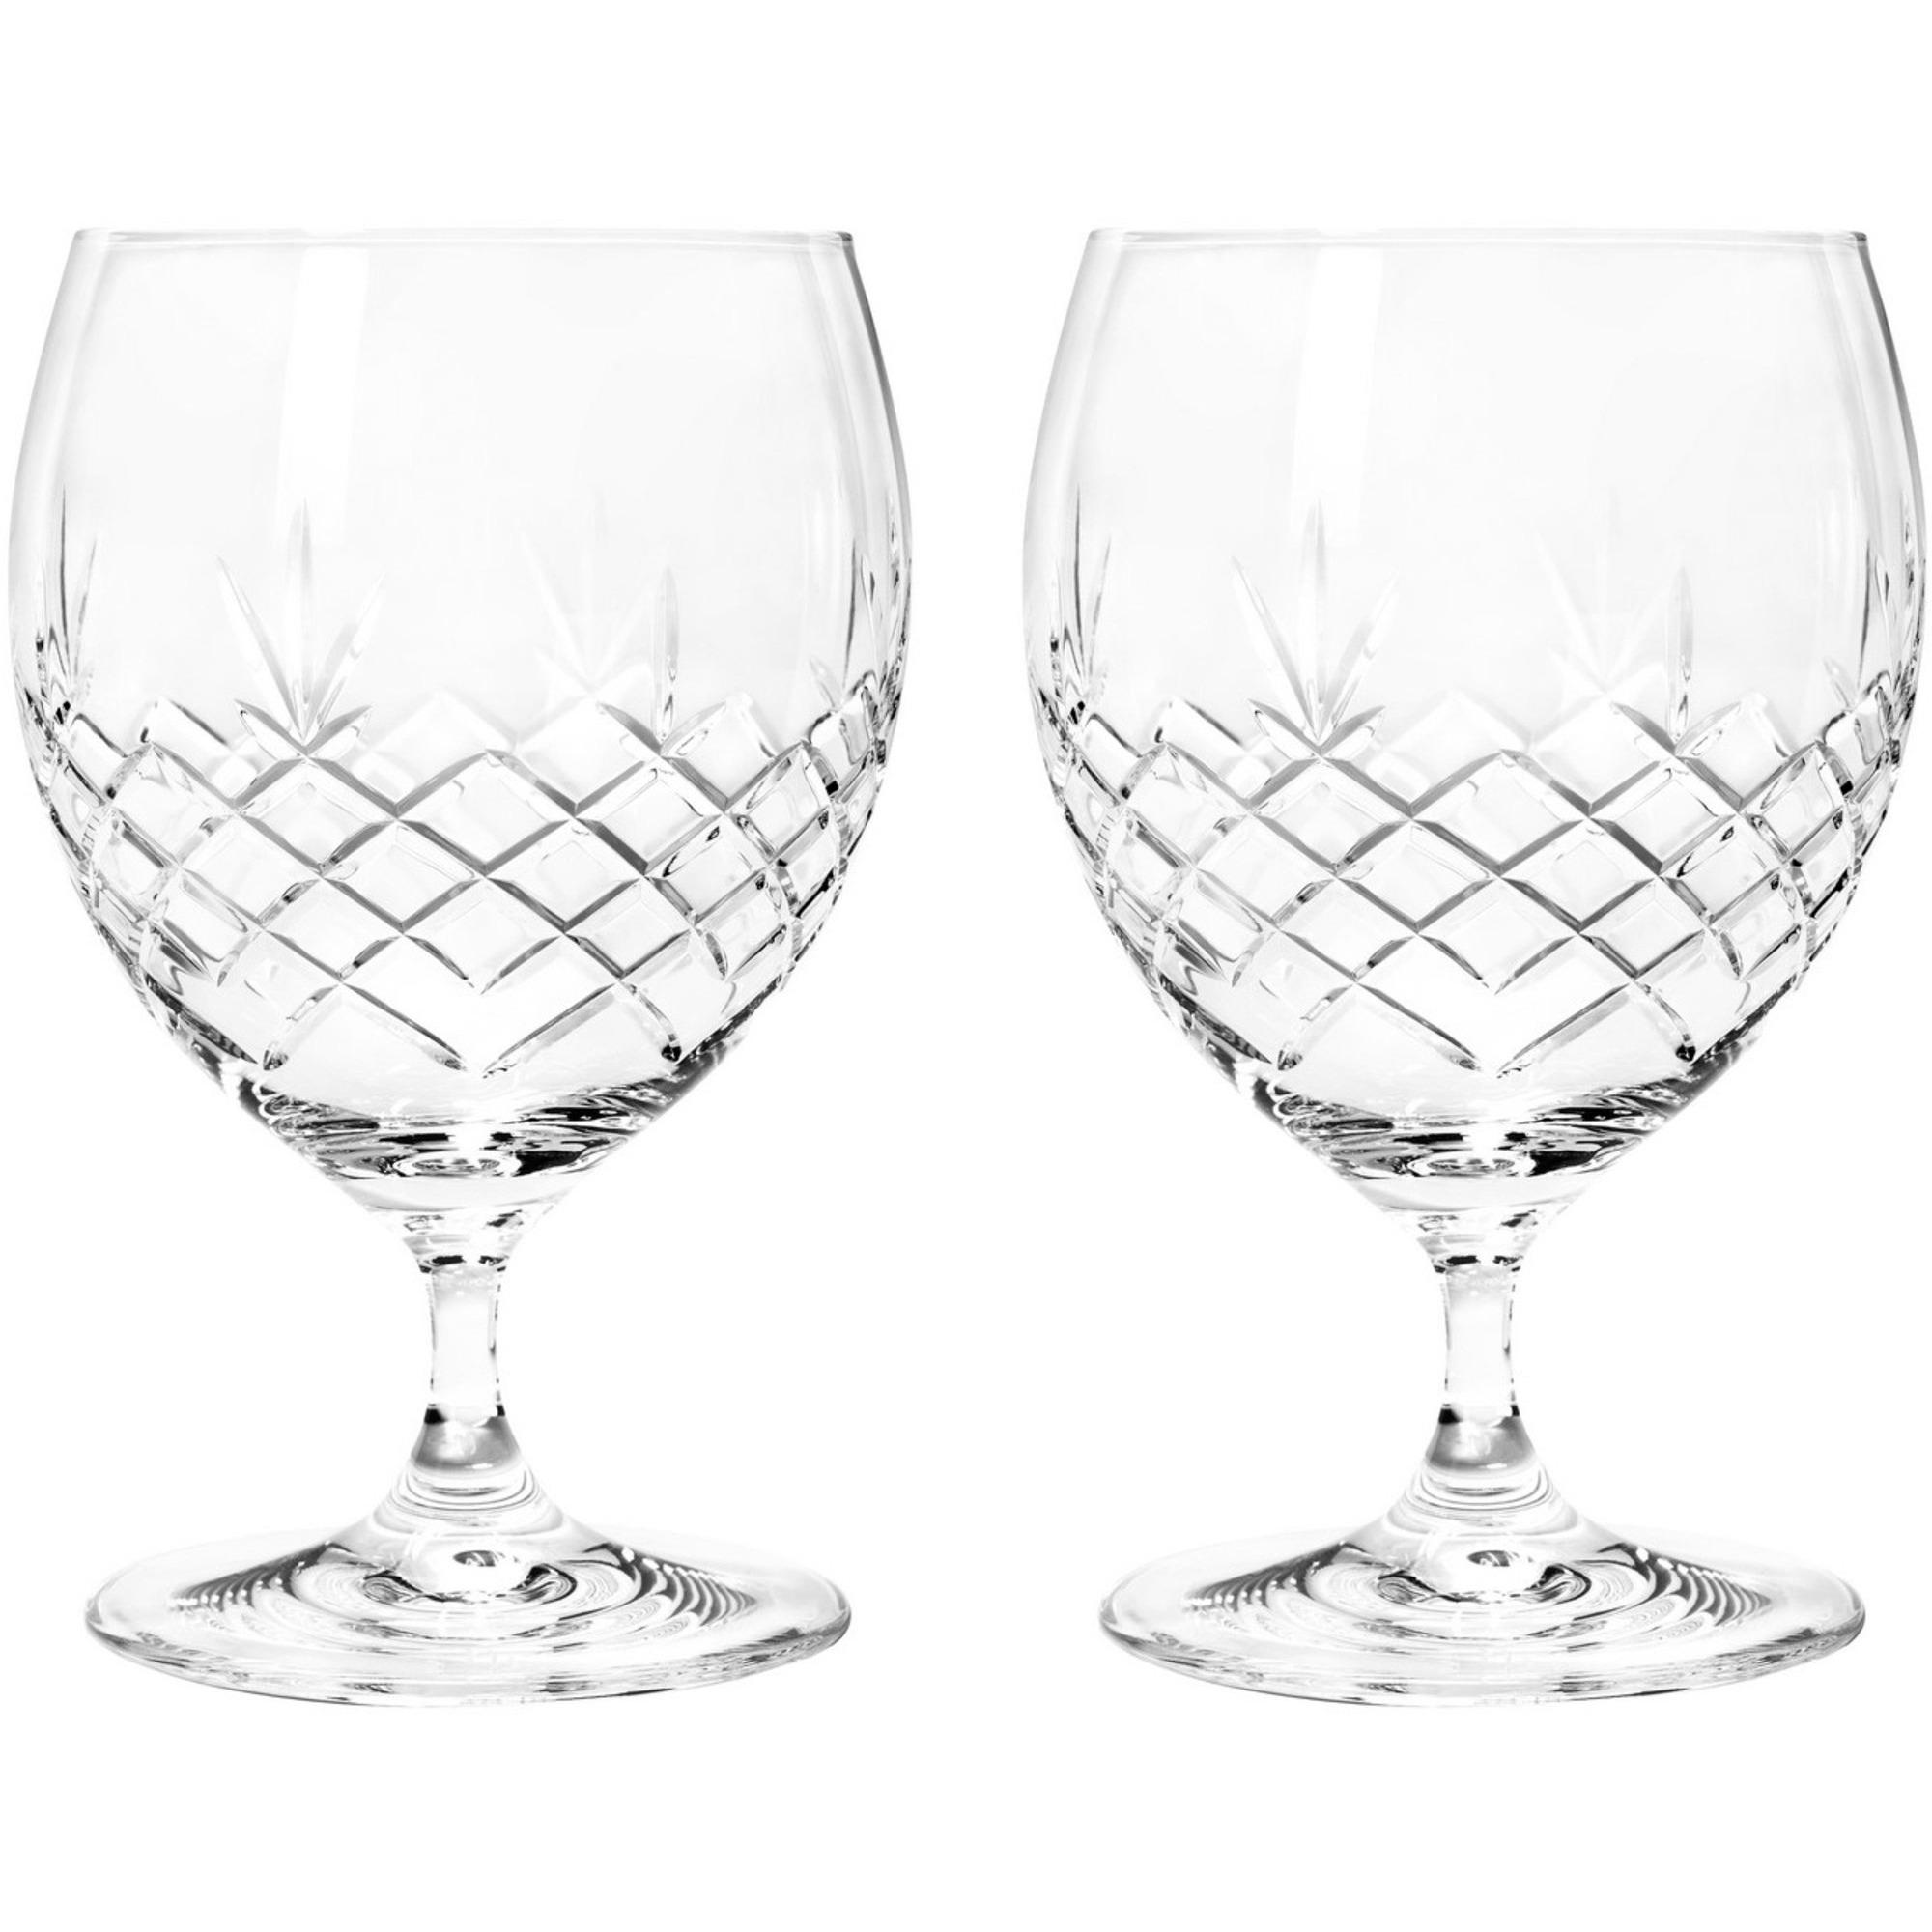 Frederik Bagger Crispy Eightball glas 2 st.